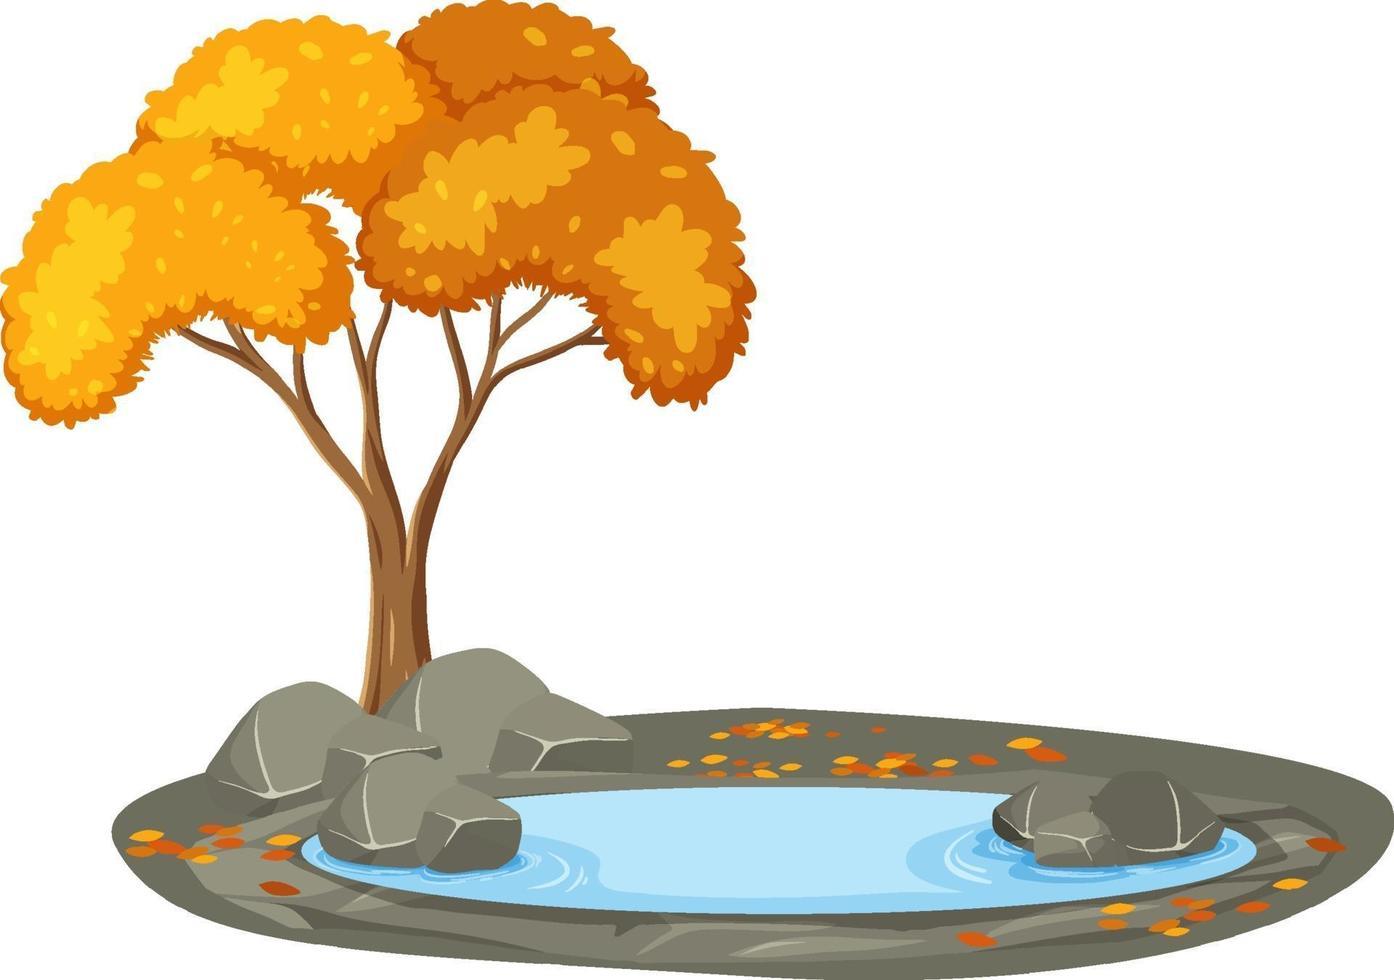 isolierter Herbstbaum auf weißem Hintergrund vektor